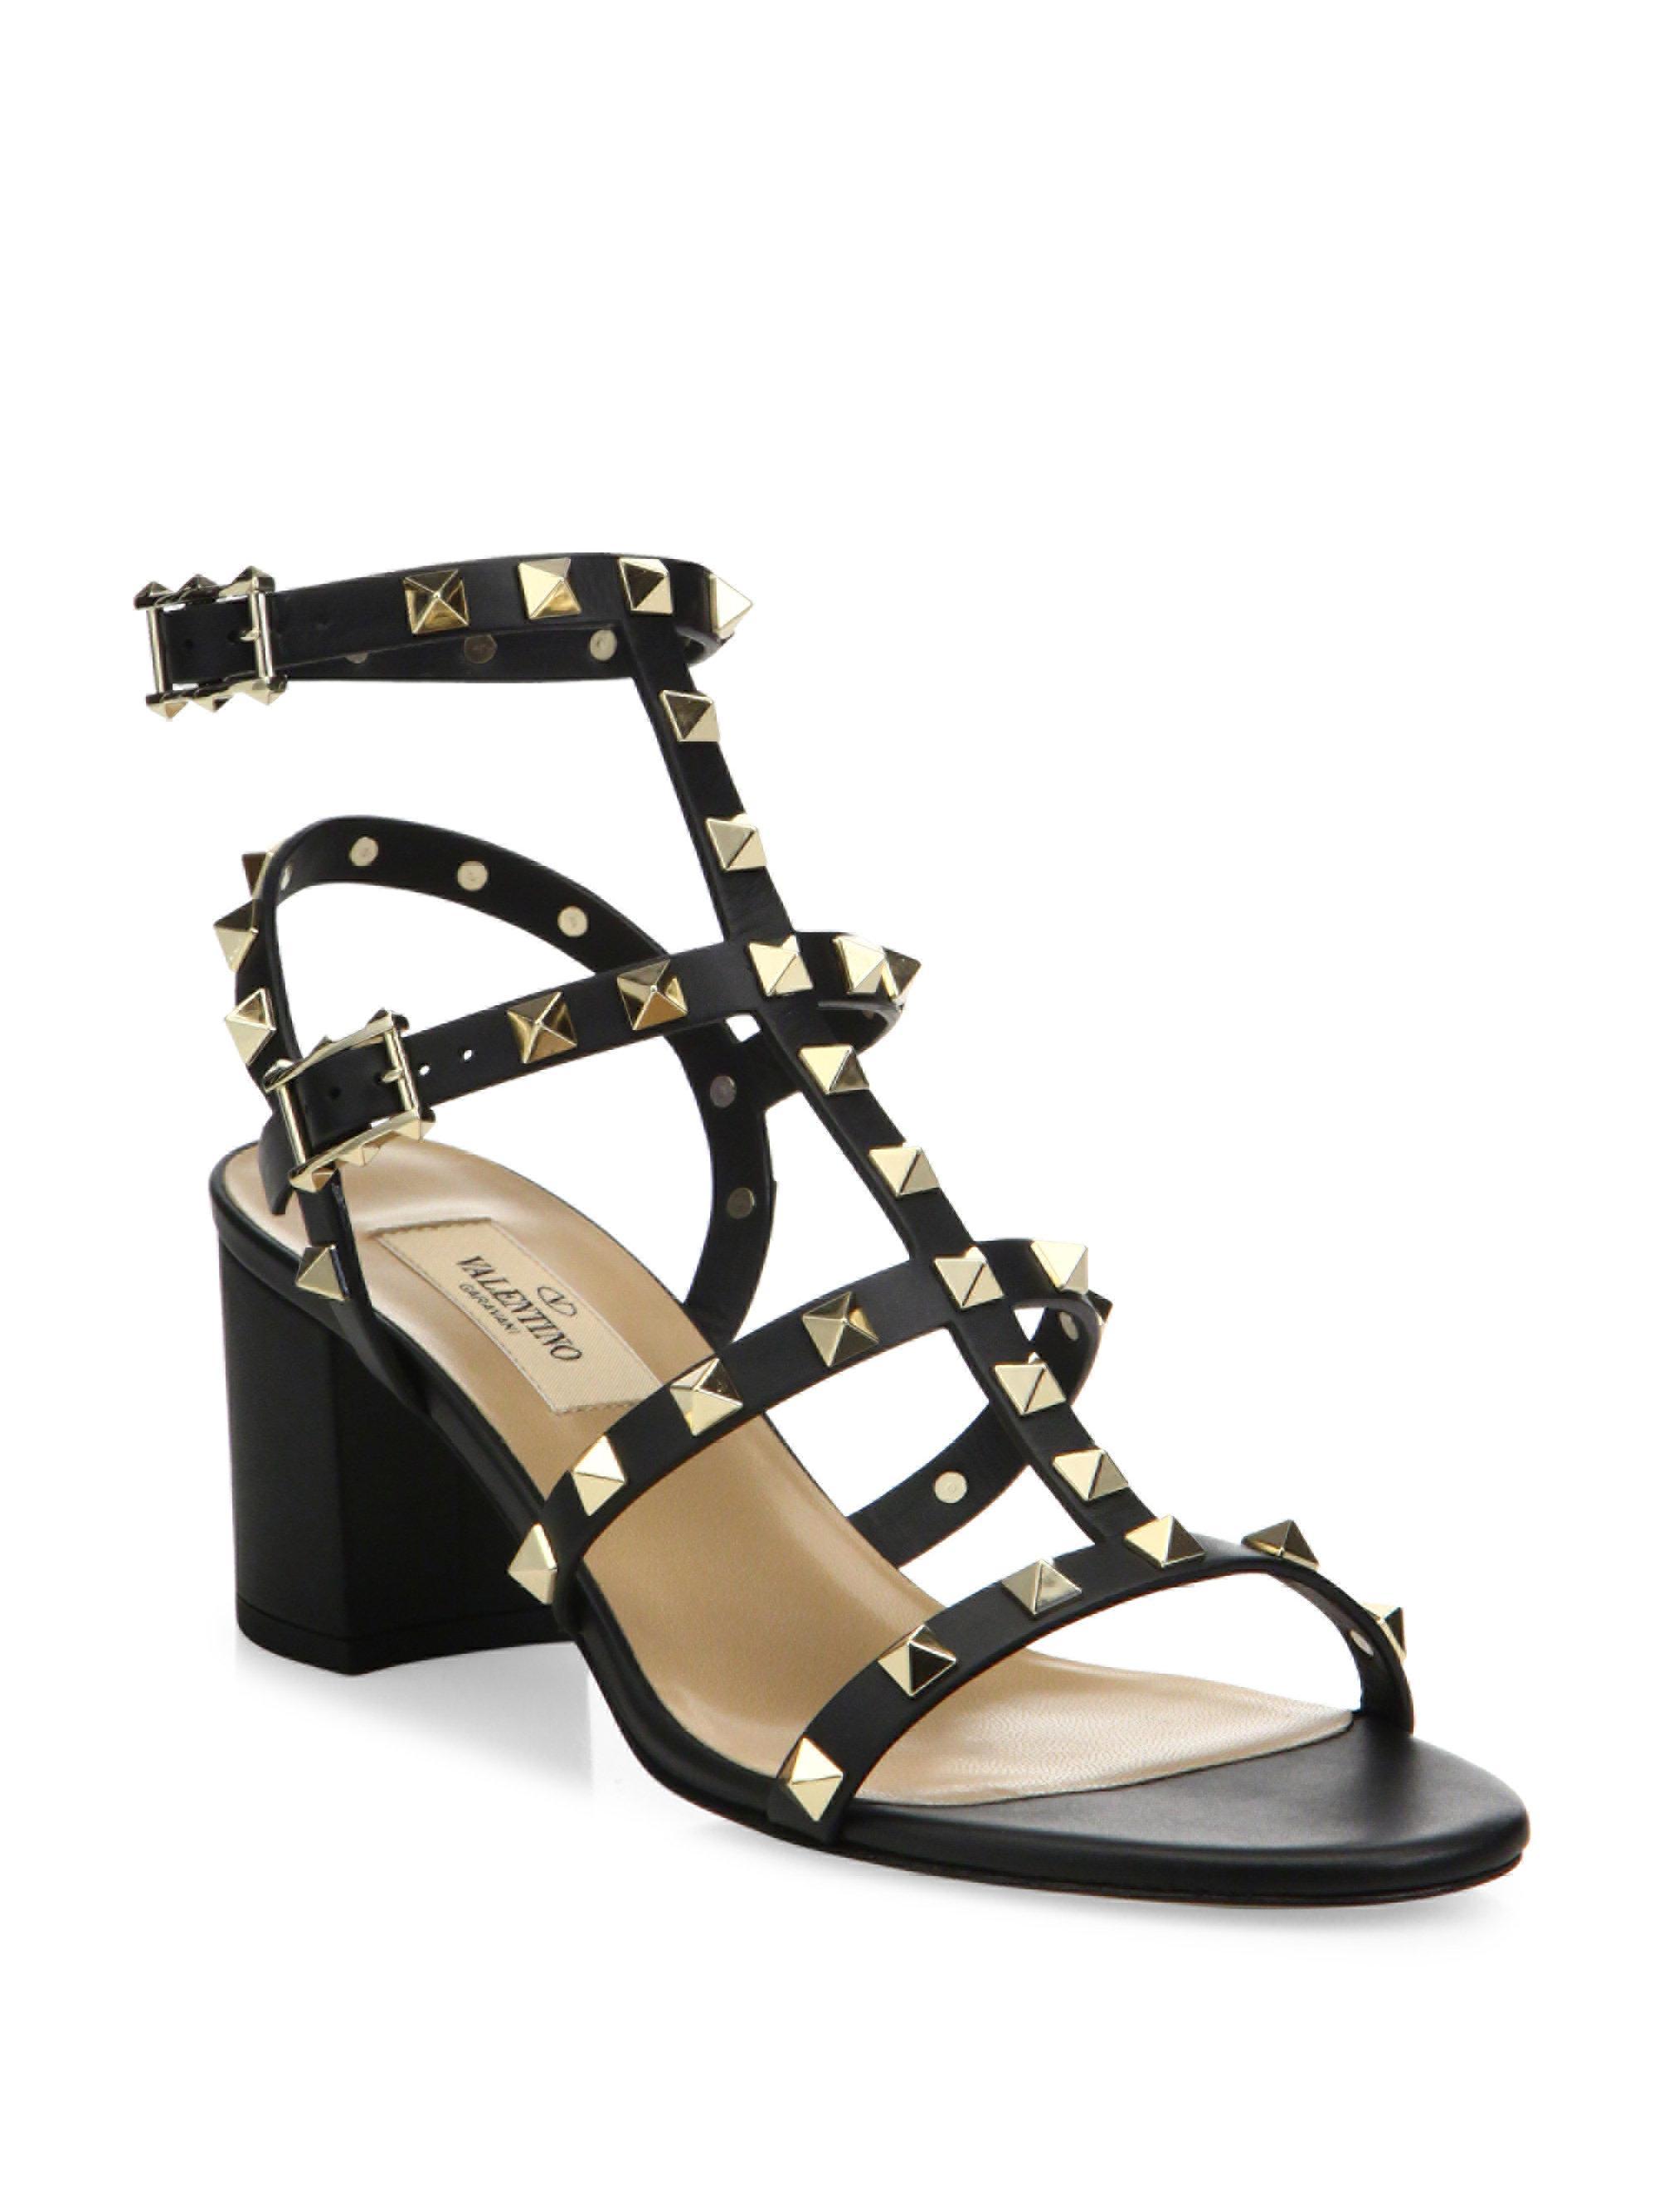 fd2f3c5dd77 Lyst - Valentino Rockstud Leather Block Heel Sandals in Black